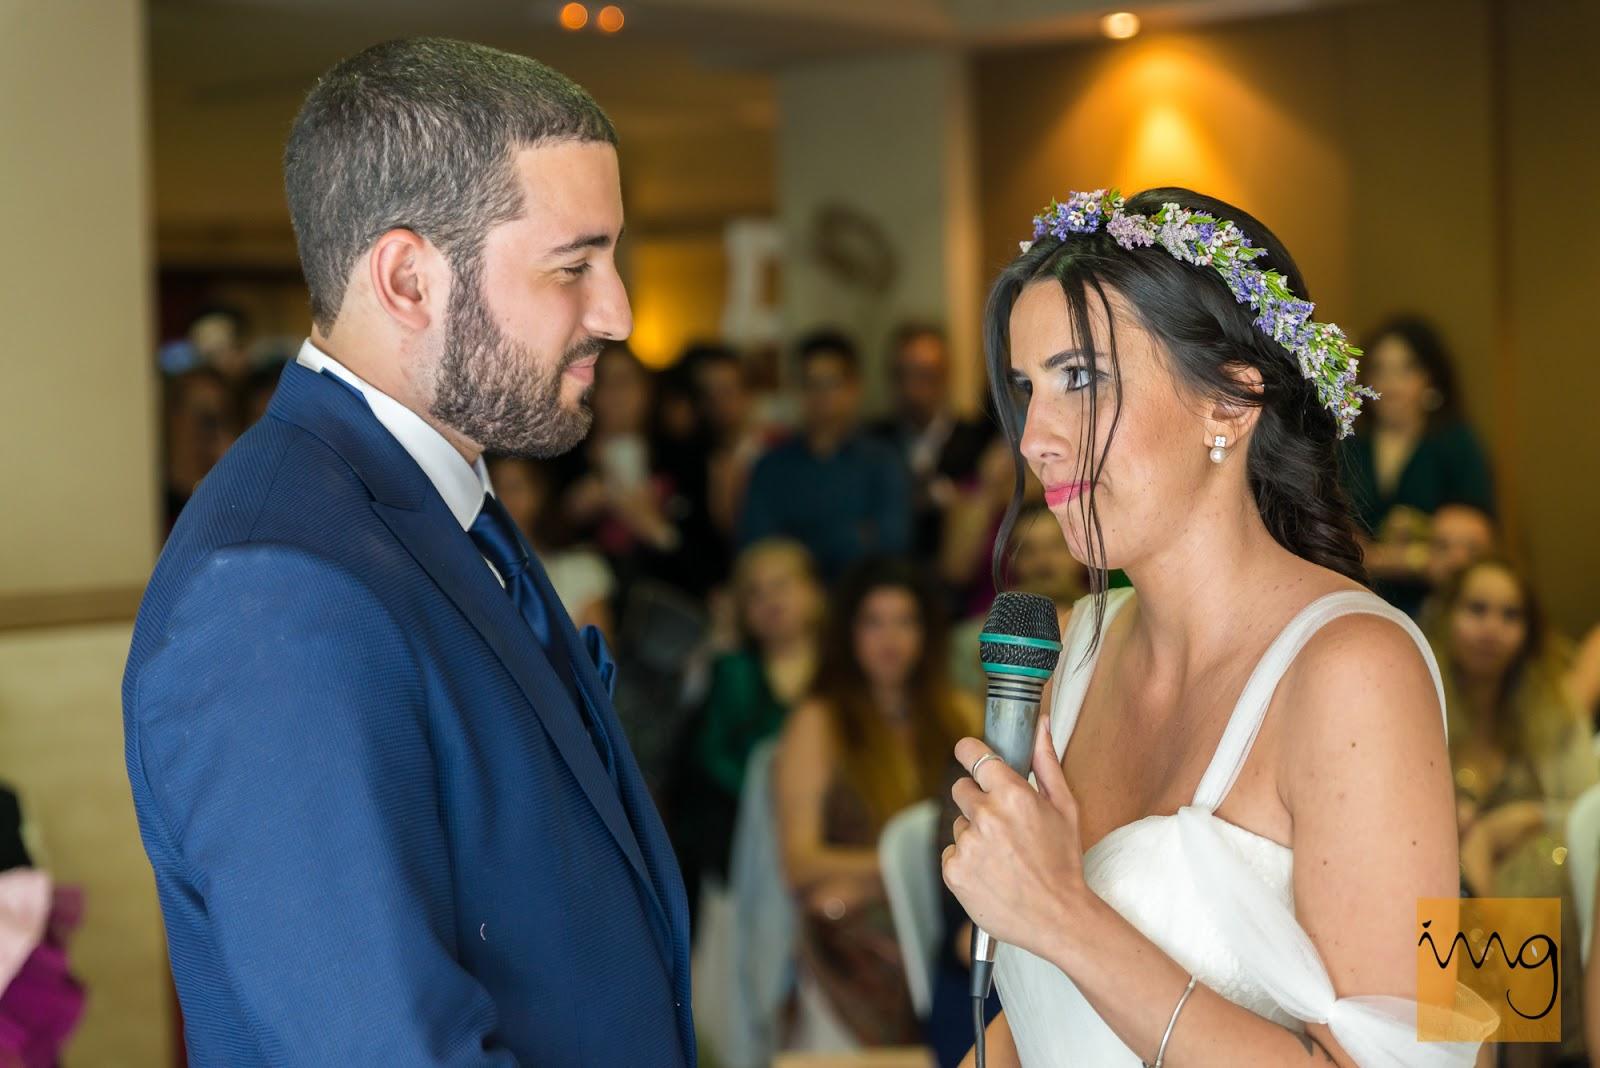 Fotografía de boda en la ceremonia civil